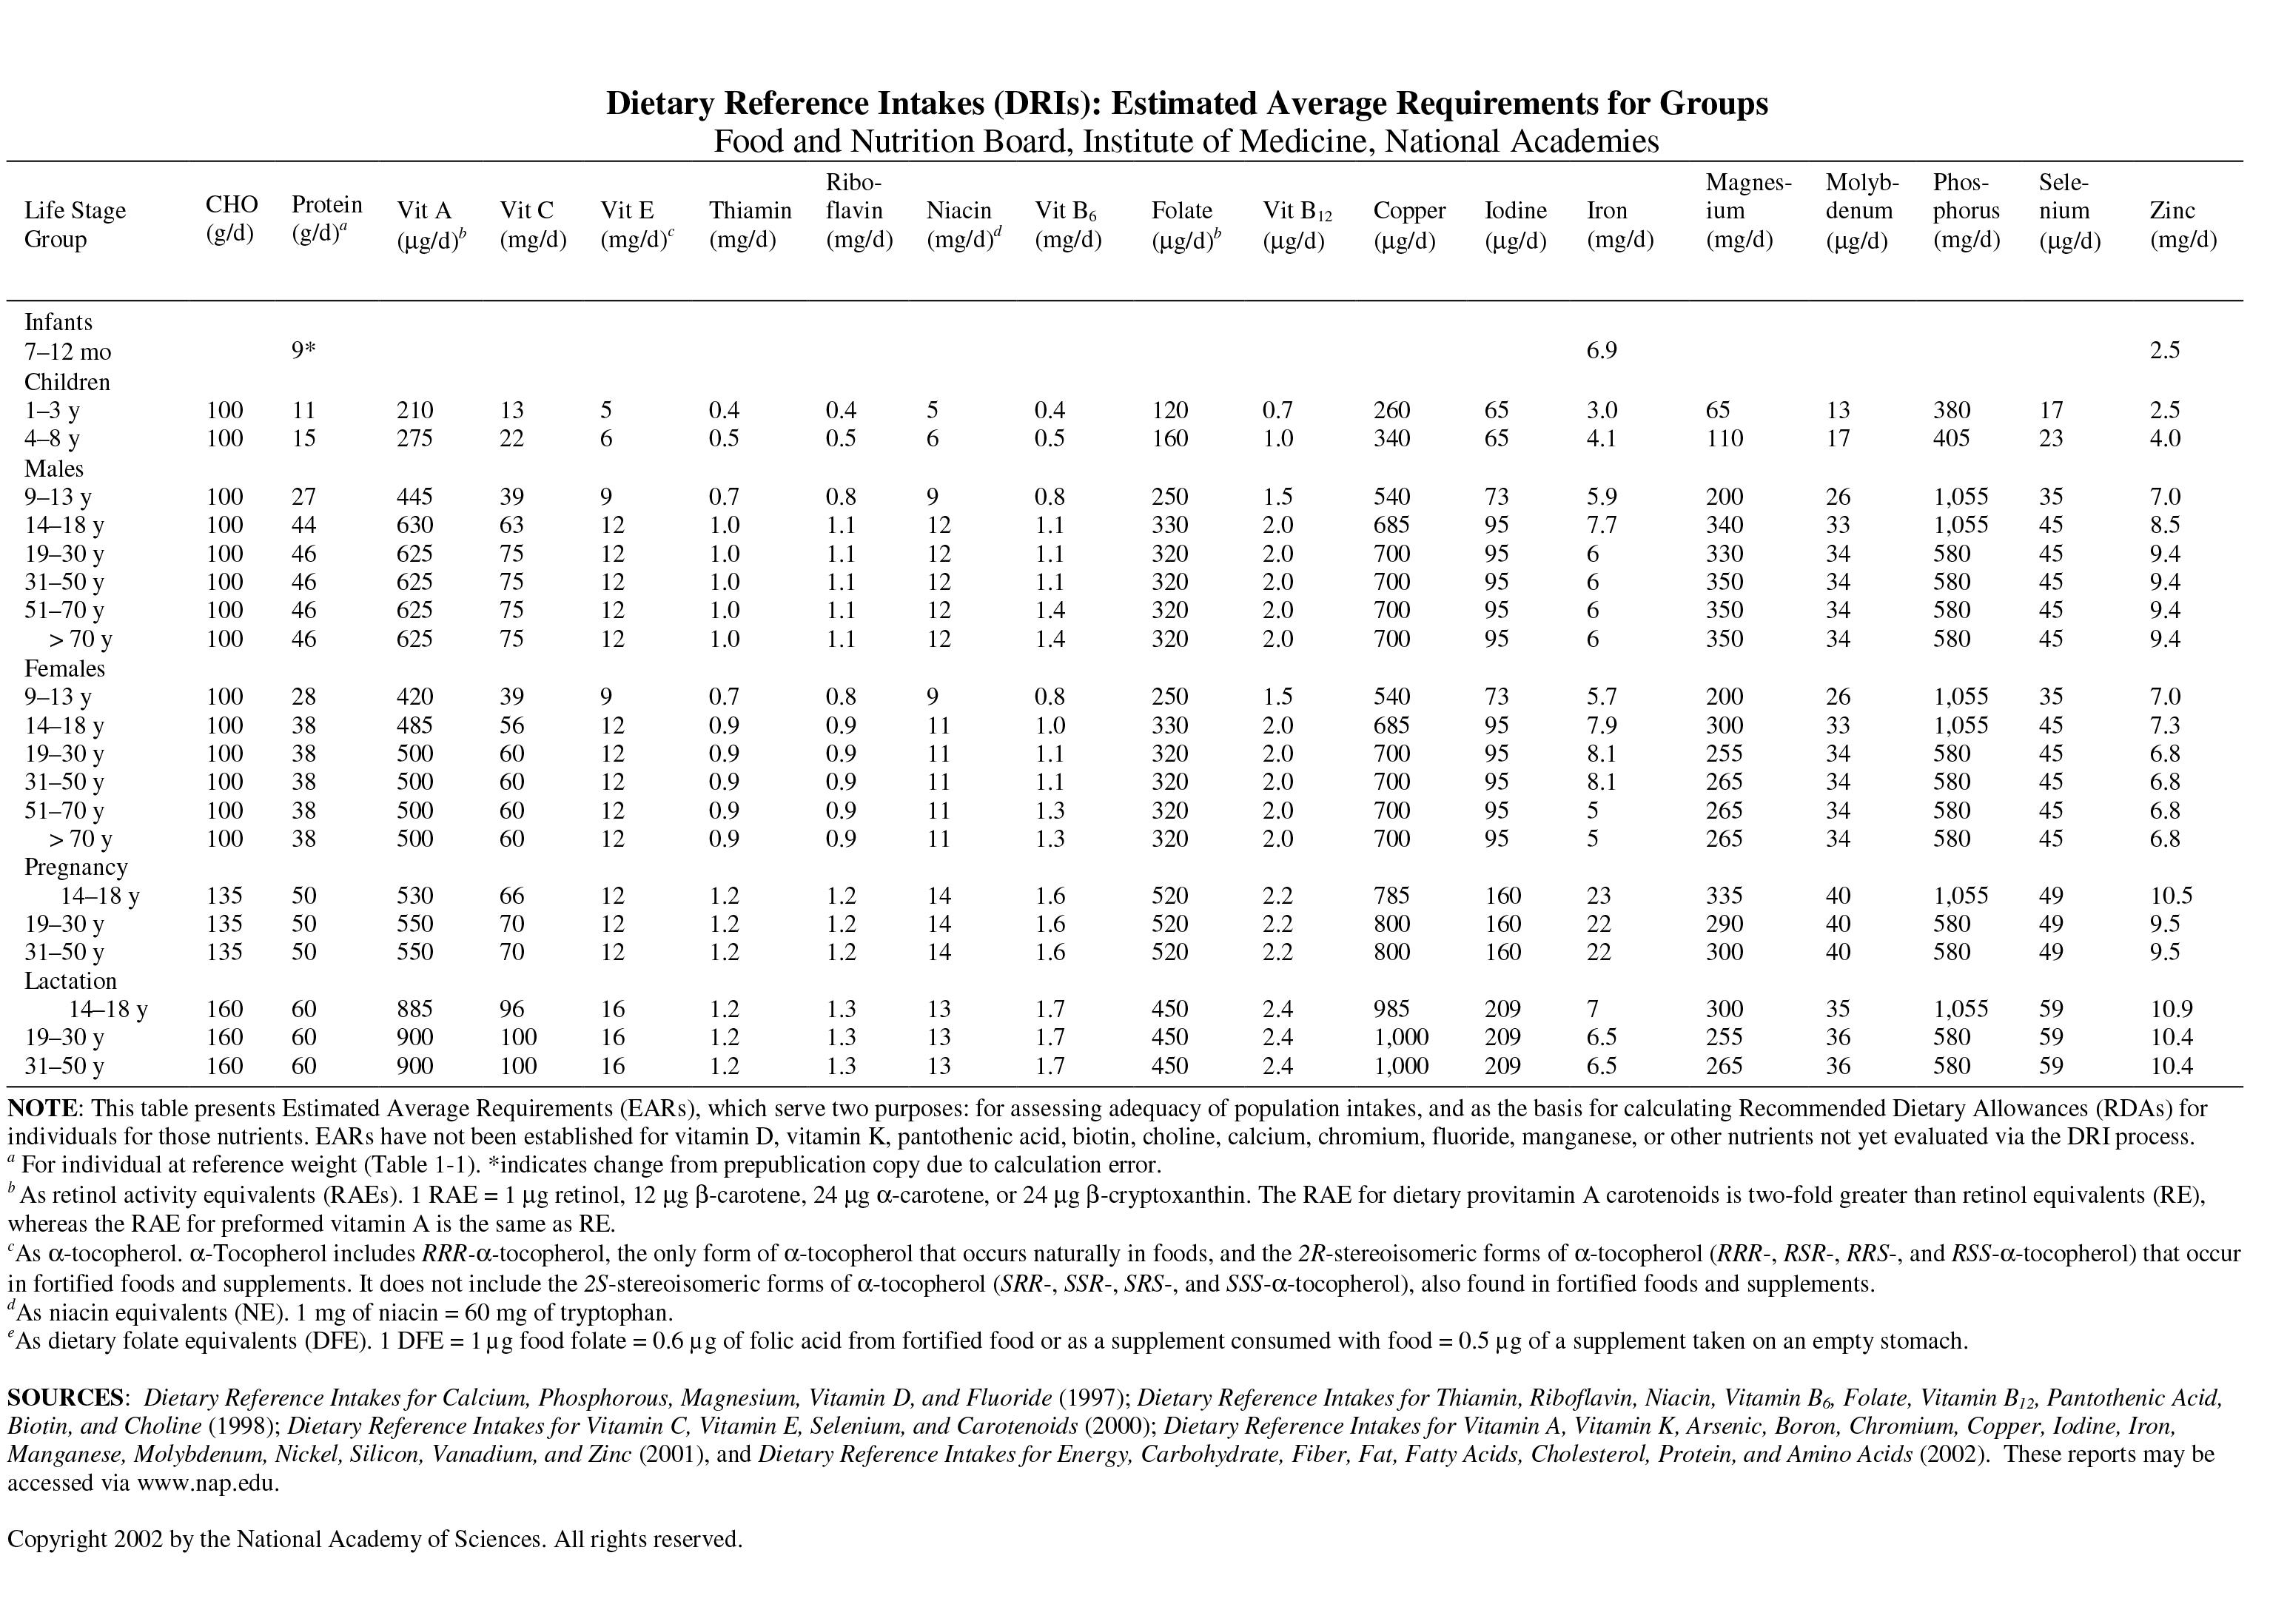 Average Estimado p/ Edad y Sexo